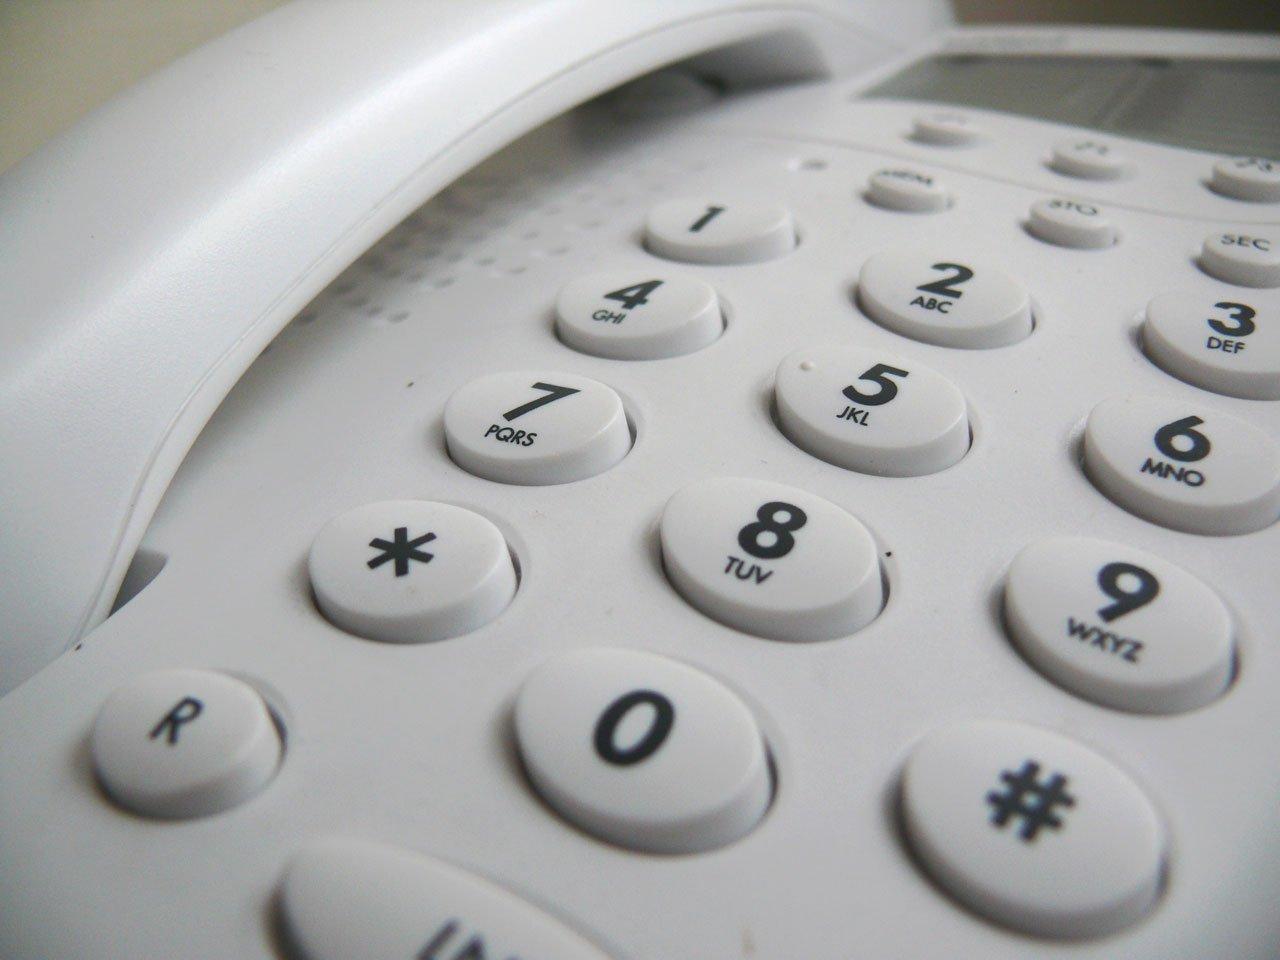 Netfiber incluye el servicio de teléfono y centralitas telefónicas